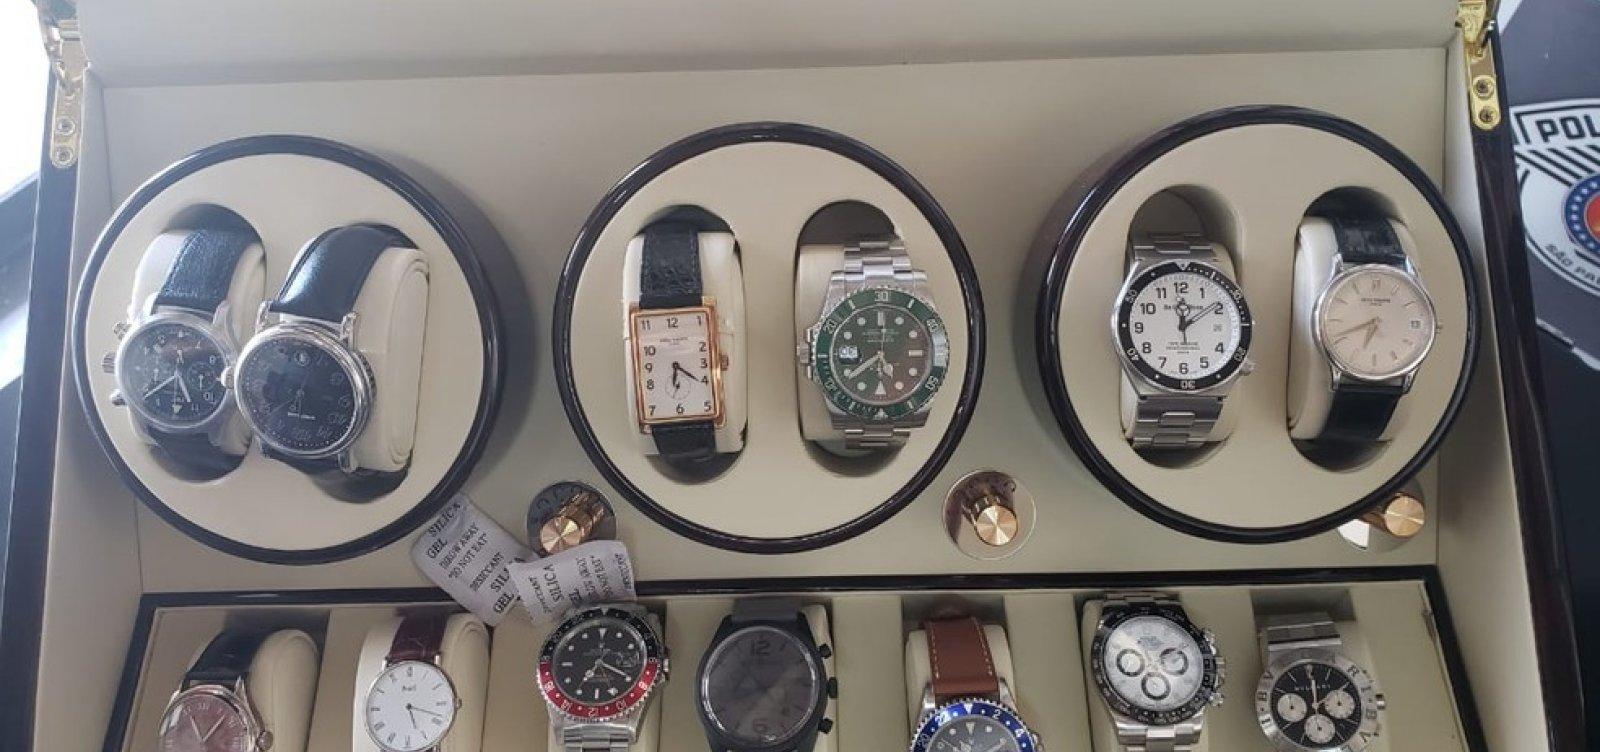 Operação Palhares: Juiz manda Caixa guardar relógios Rolex de investigados presos